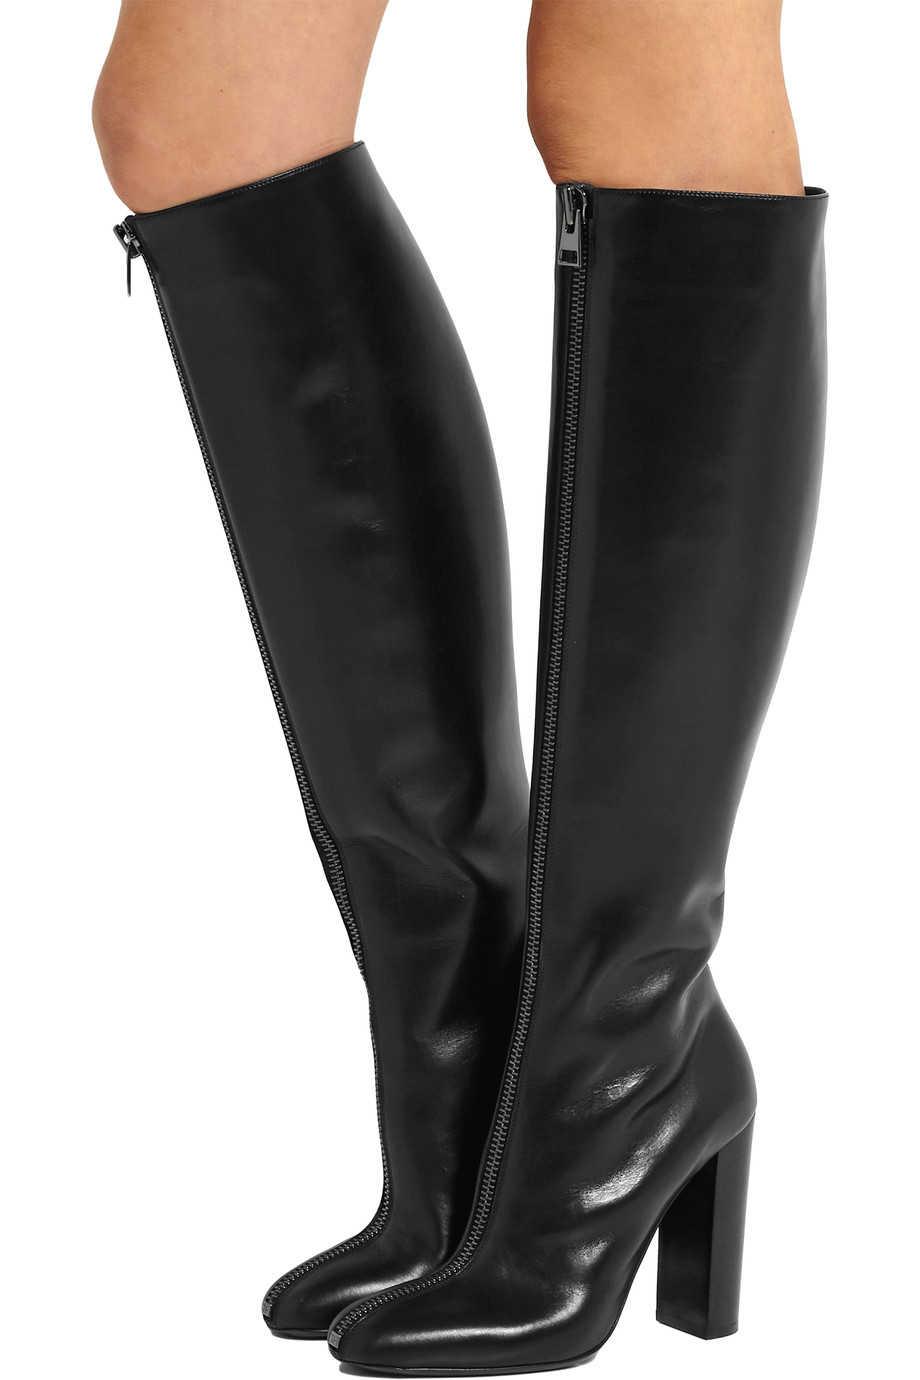 Winter Dress Knee Boots|Knee-High Boots